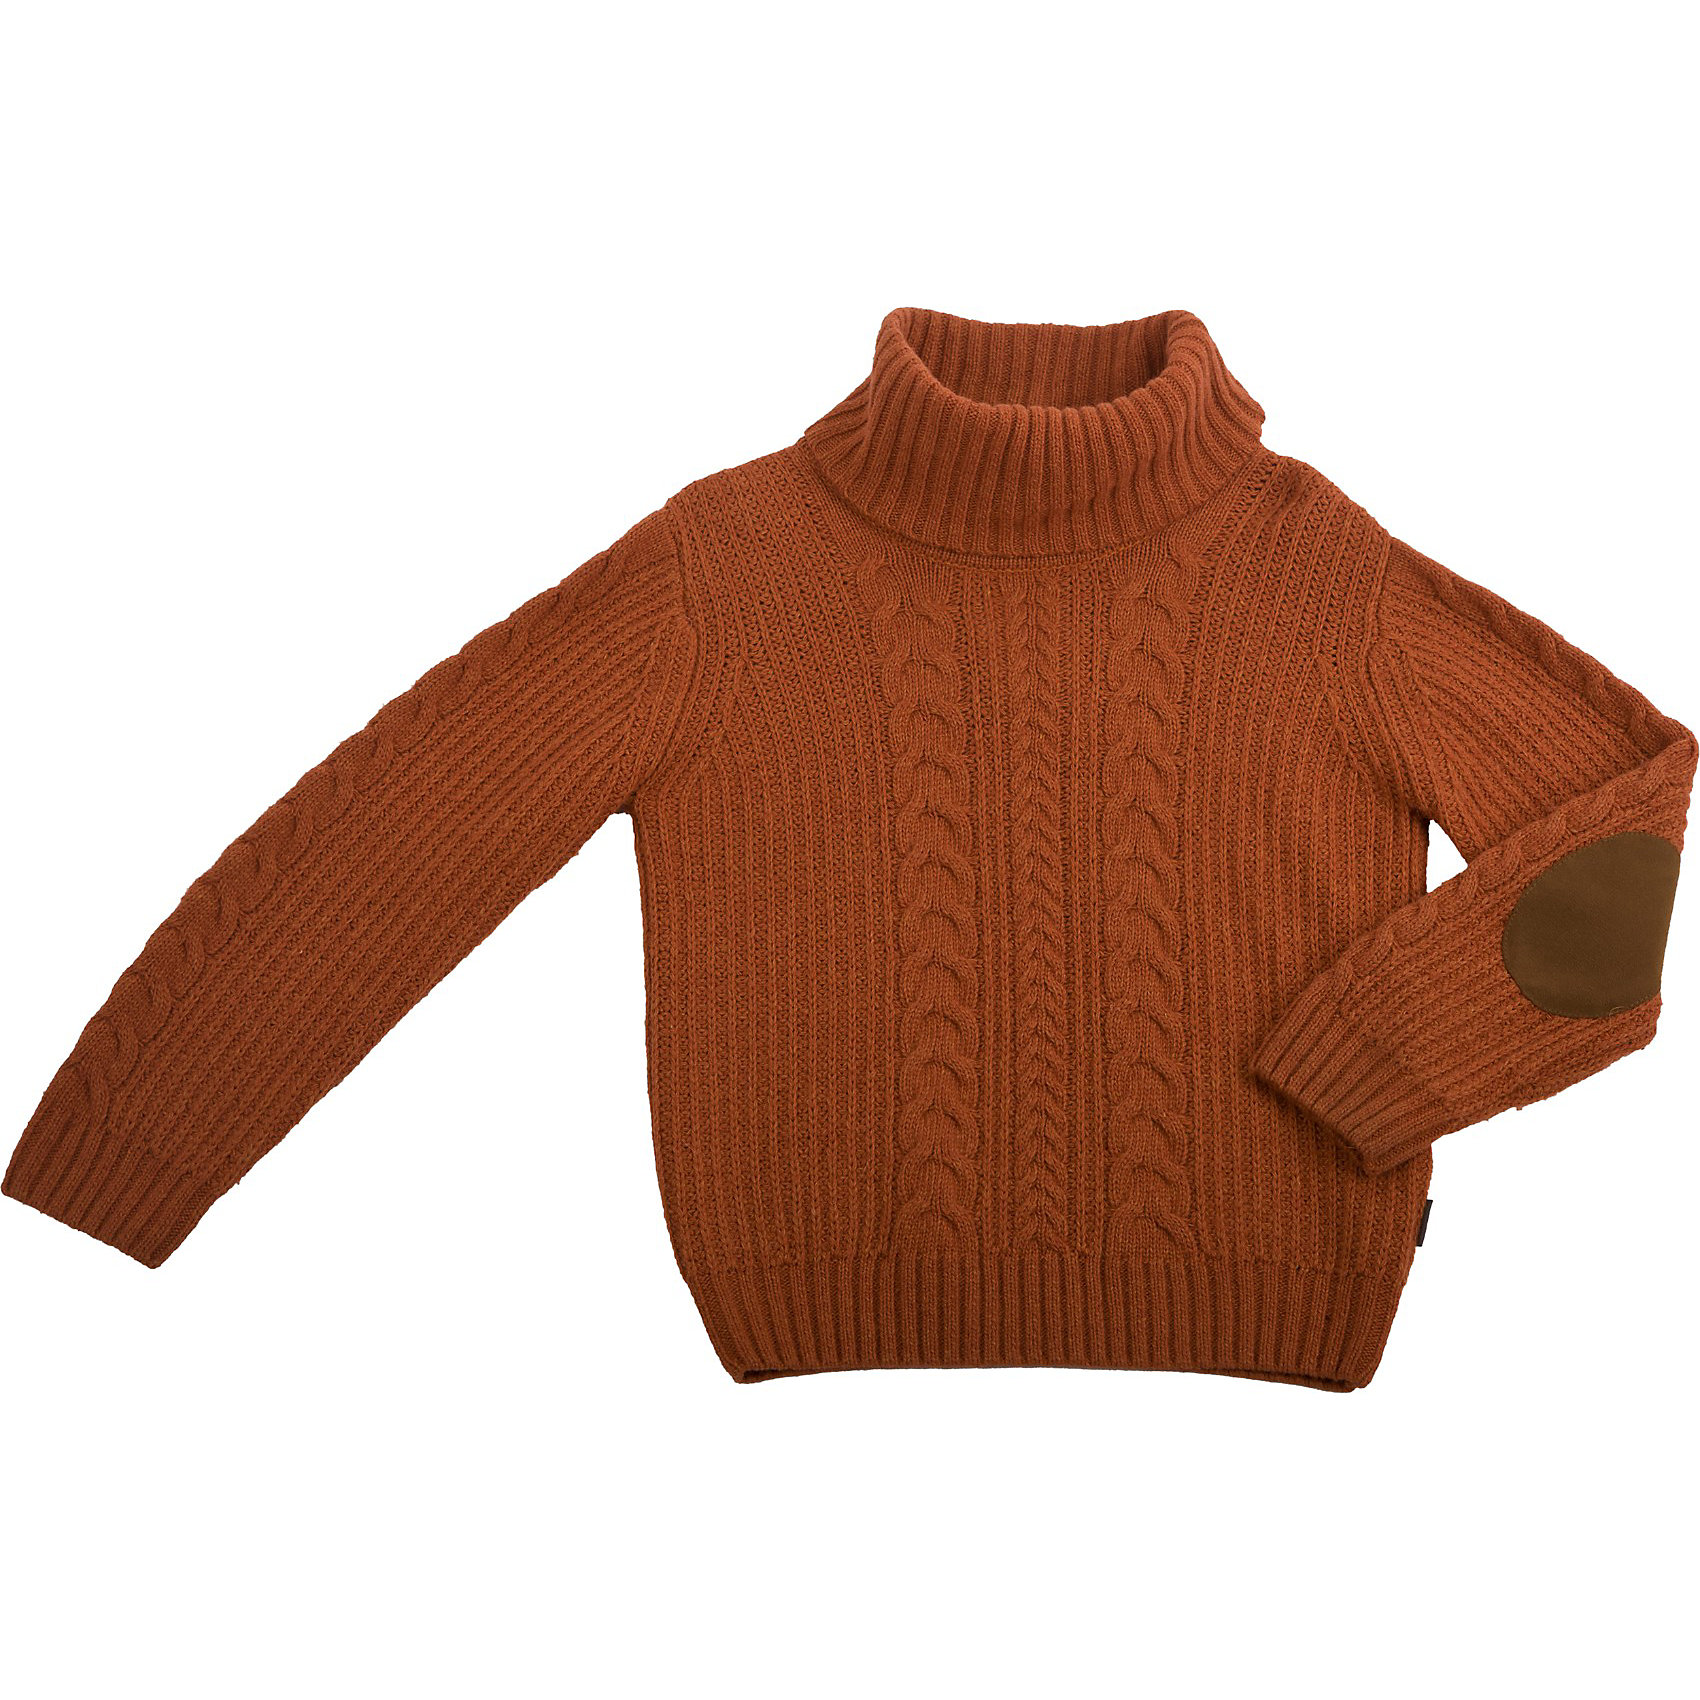 Свитер для мальчика GulliverСвитера и кардиганы<br>Теплый свитер  - вещь абсолютно необходимая  для зимнего гардероба! Прекрасный состав пряжи, в основе которой натуральная шерсть, делает его по-настоящему уютным и теплым. Наличие в составе вискозы и хлопка обеспечивают мягкость, необходимую для ребенка. Полочка свитера вывязана объемными косами, что делает его интересней и  придает всему изделию законченный вид. Модные налокотники добавляют изюминку.<br>Состав:<br>50% шерсть 30% вискоза 20% хлопок<br><br>Ширина мм: 190<br>Глубина мм: 74<br>Высота мм: 229<br>Вес г: 236<br>Цвет: оранжевый<br>Возраст от месяцев: 72<br>Возраст до месяцев: 84<br>Пол: Мужской<br>Возраст: Детский<br>Размер: 122<br>SKU: 3702049